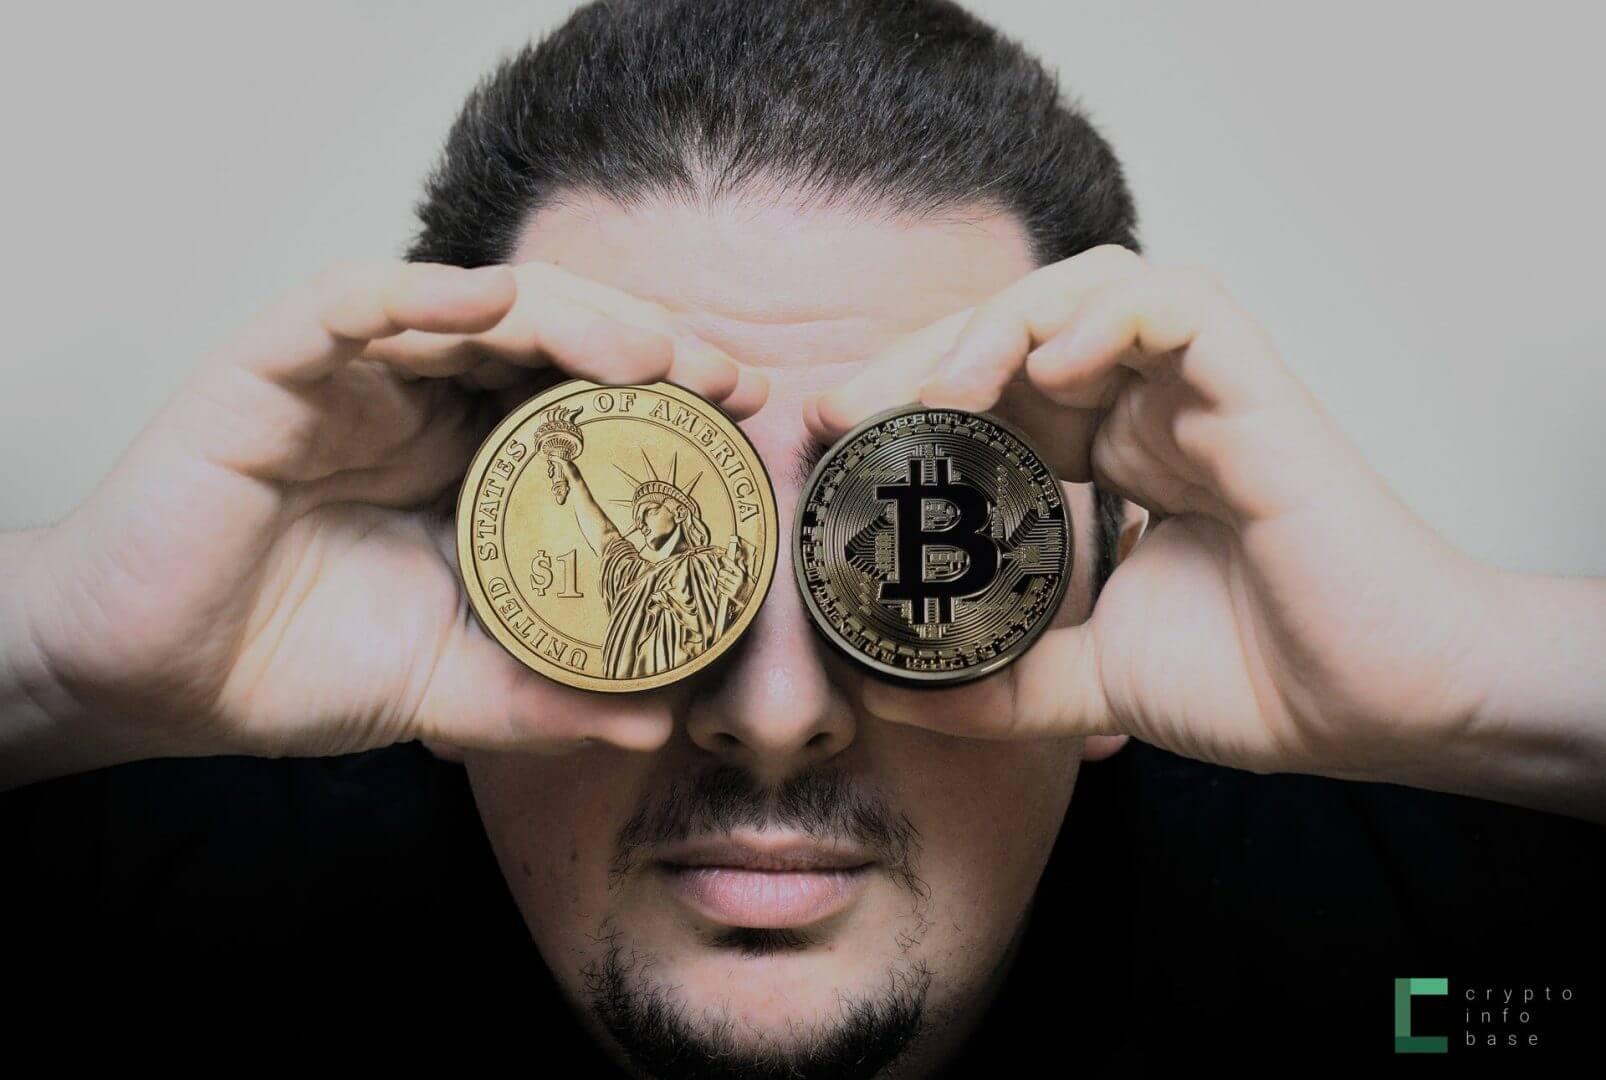 Bitcoin Price Prediction 2019, 2020: Will BTC Reach $50,000 in 2021?